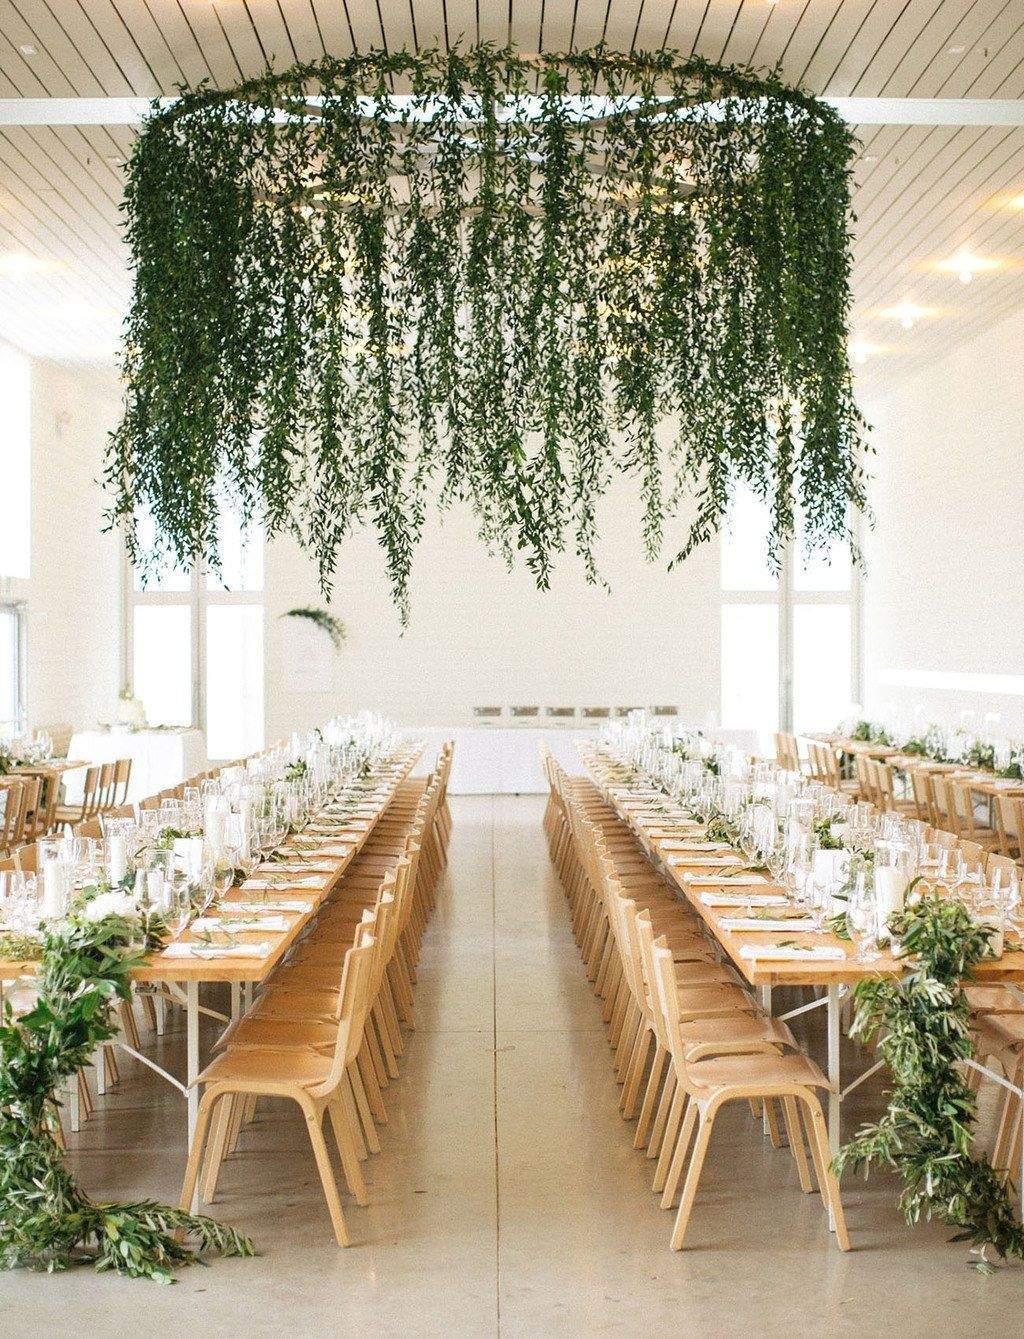 hochzeit im garten elegant 28 greenery wedding decor ideas that are fresh for spring of hochzeit im garten